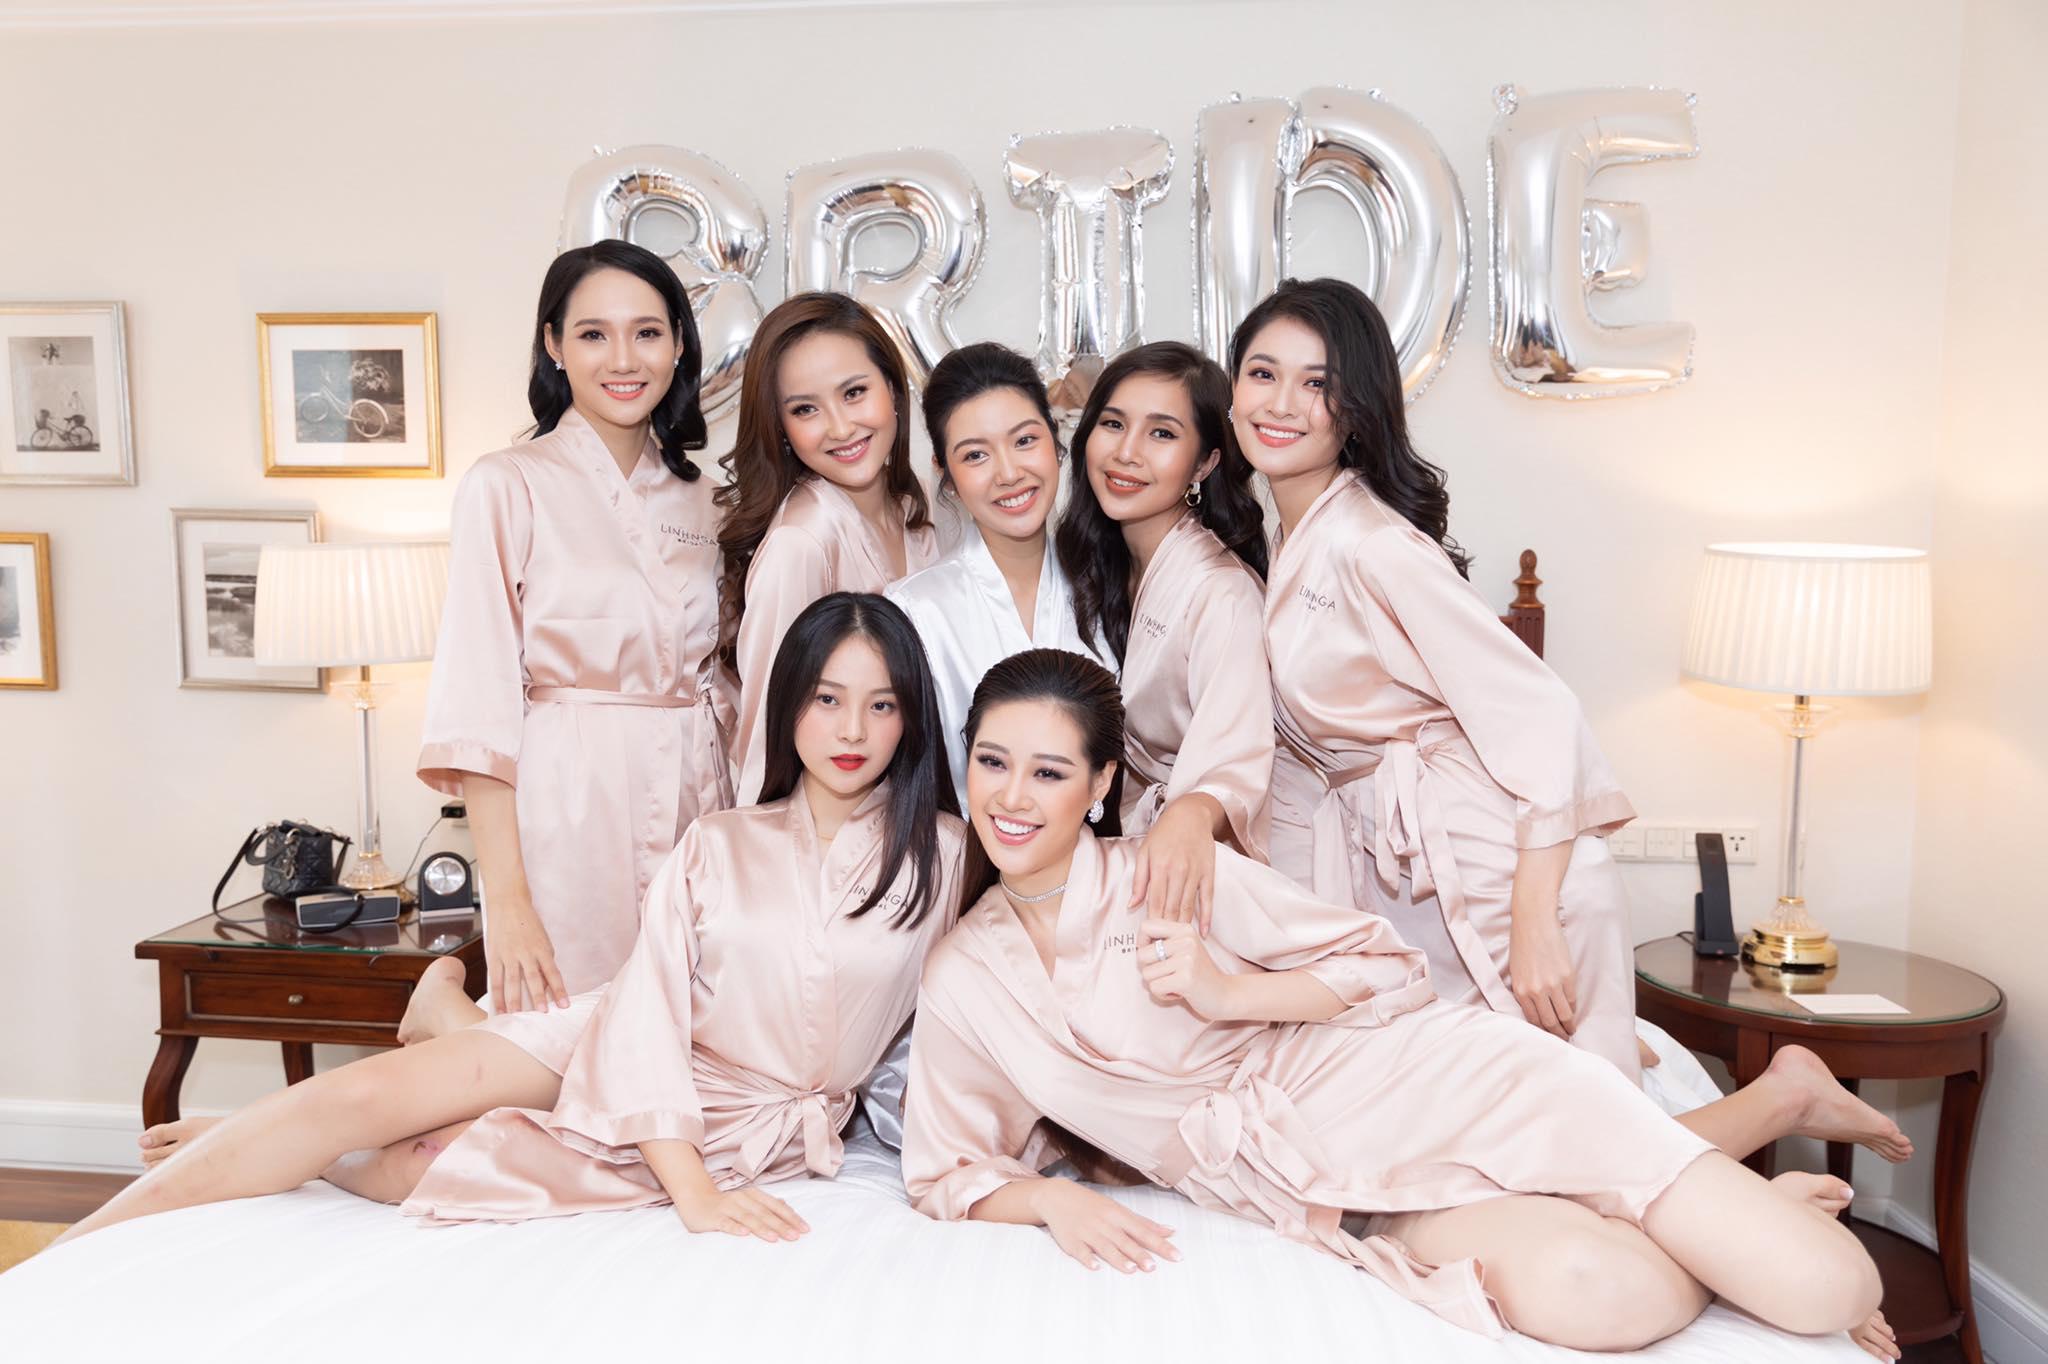 Trước giờ G, ngắm nhìn 1 trong 3 chiếc váy cưới của Á hậu Thuý Vân: Bộ váy cưới trong mơ của mọi cô gái - Ảnh 1.